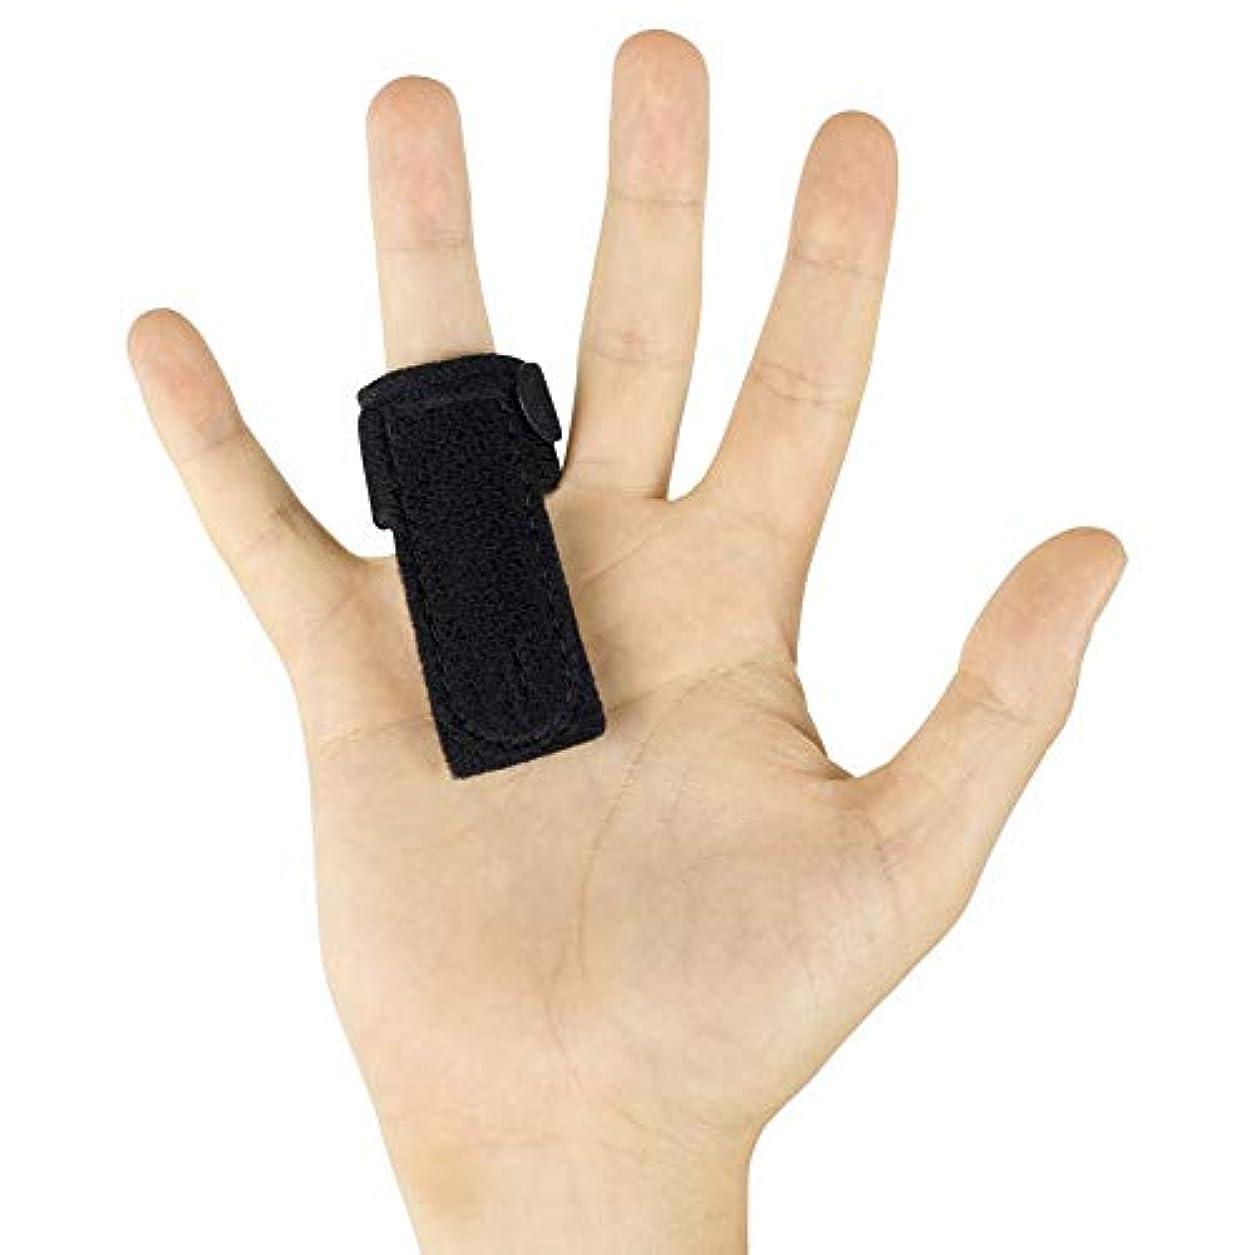 どこでも精緻化さようなら指の袖をサポートするためのばね指スプリント、内蔵アルミサポートトリガー、矯正関節炎マレットフィンガーナックルブレース指関節炎、指の骨折、腱リリース&痛みを軽減-Gift